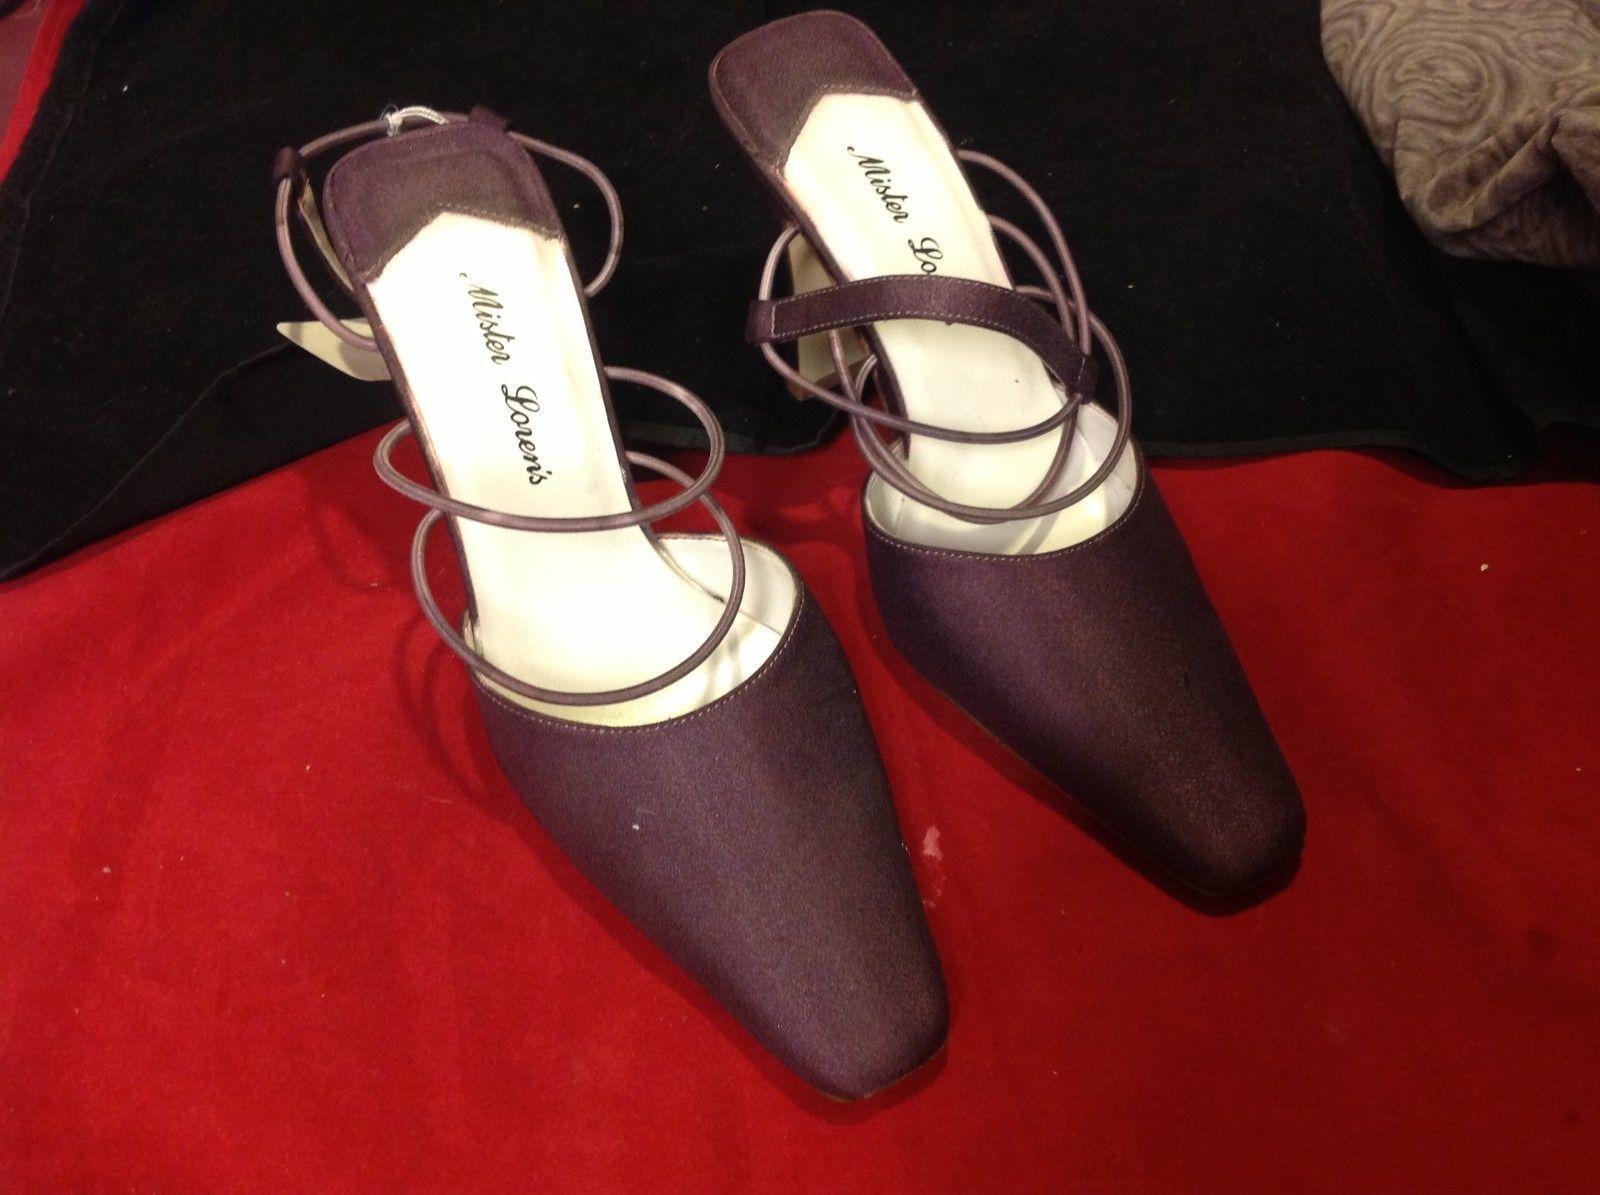 mister lorens purple 4 inch heel size 6.5